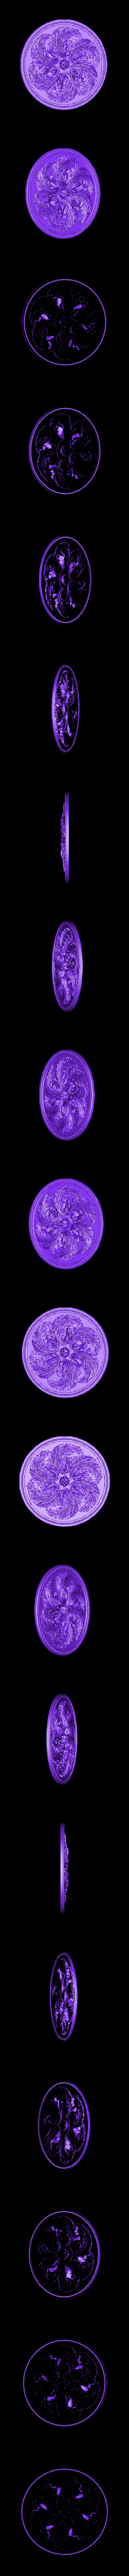 46.stl Télécharger fichier OBJ gratuit Moulures vintage pour vieux appartements classiques cnc art machine à router 3D printed • Modèle à imprimer en 3D, 3DPrinterFiles